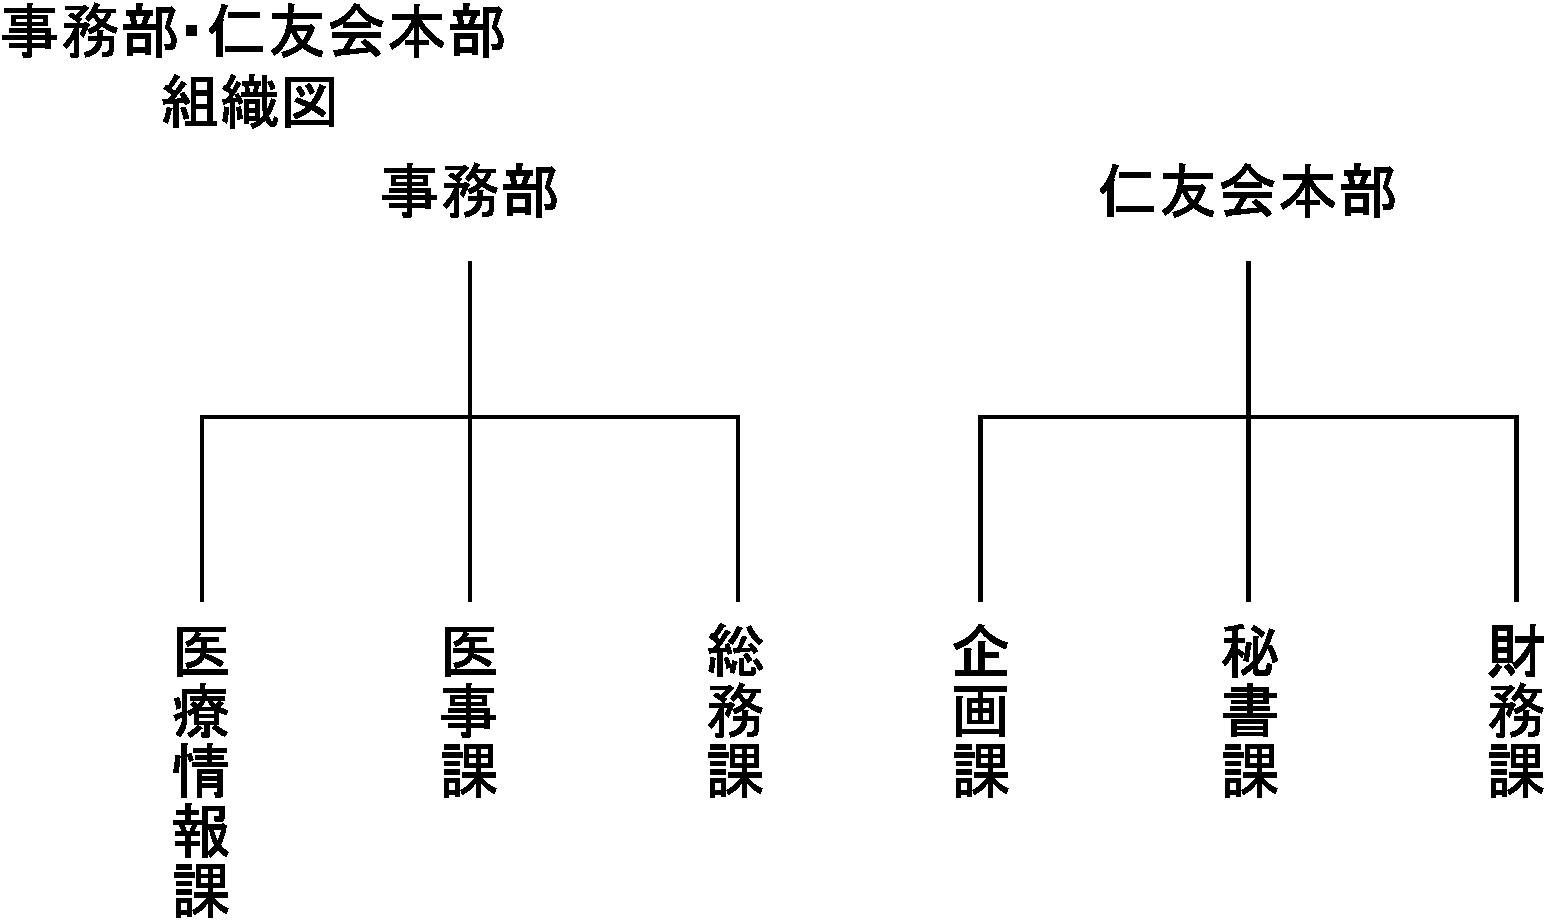 事務部・本部組織図